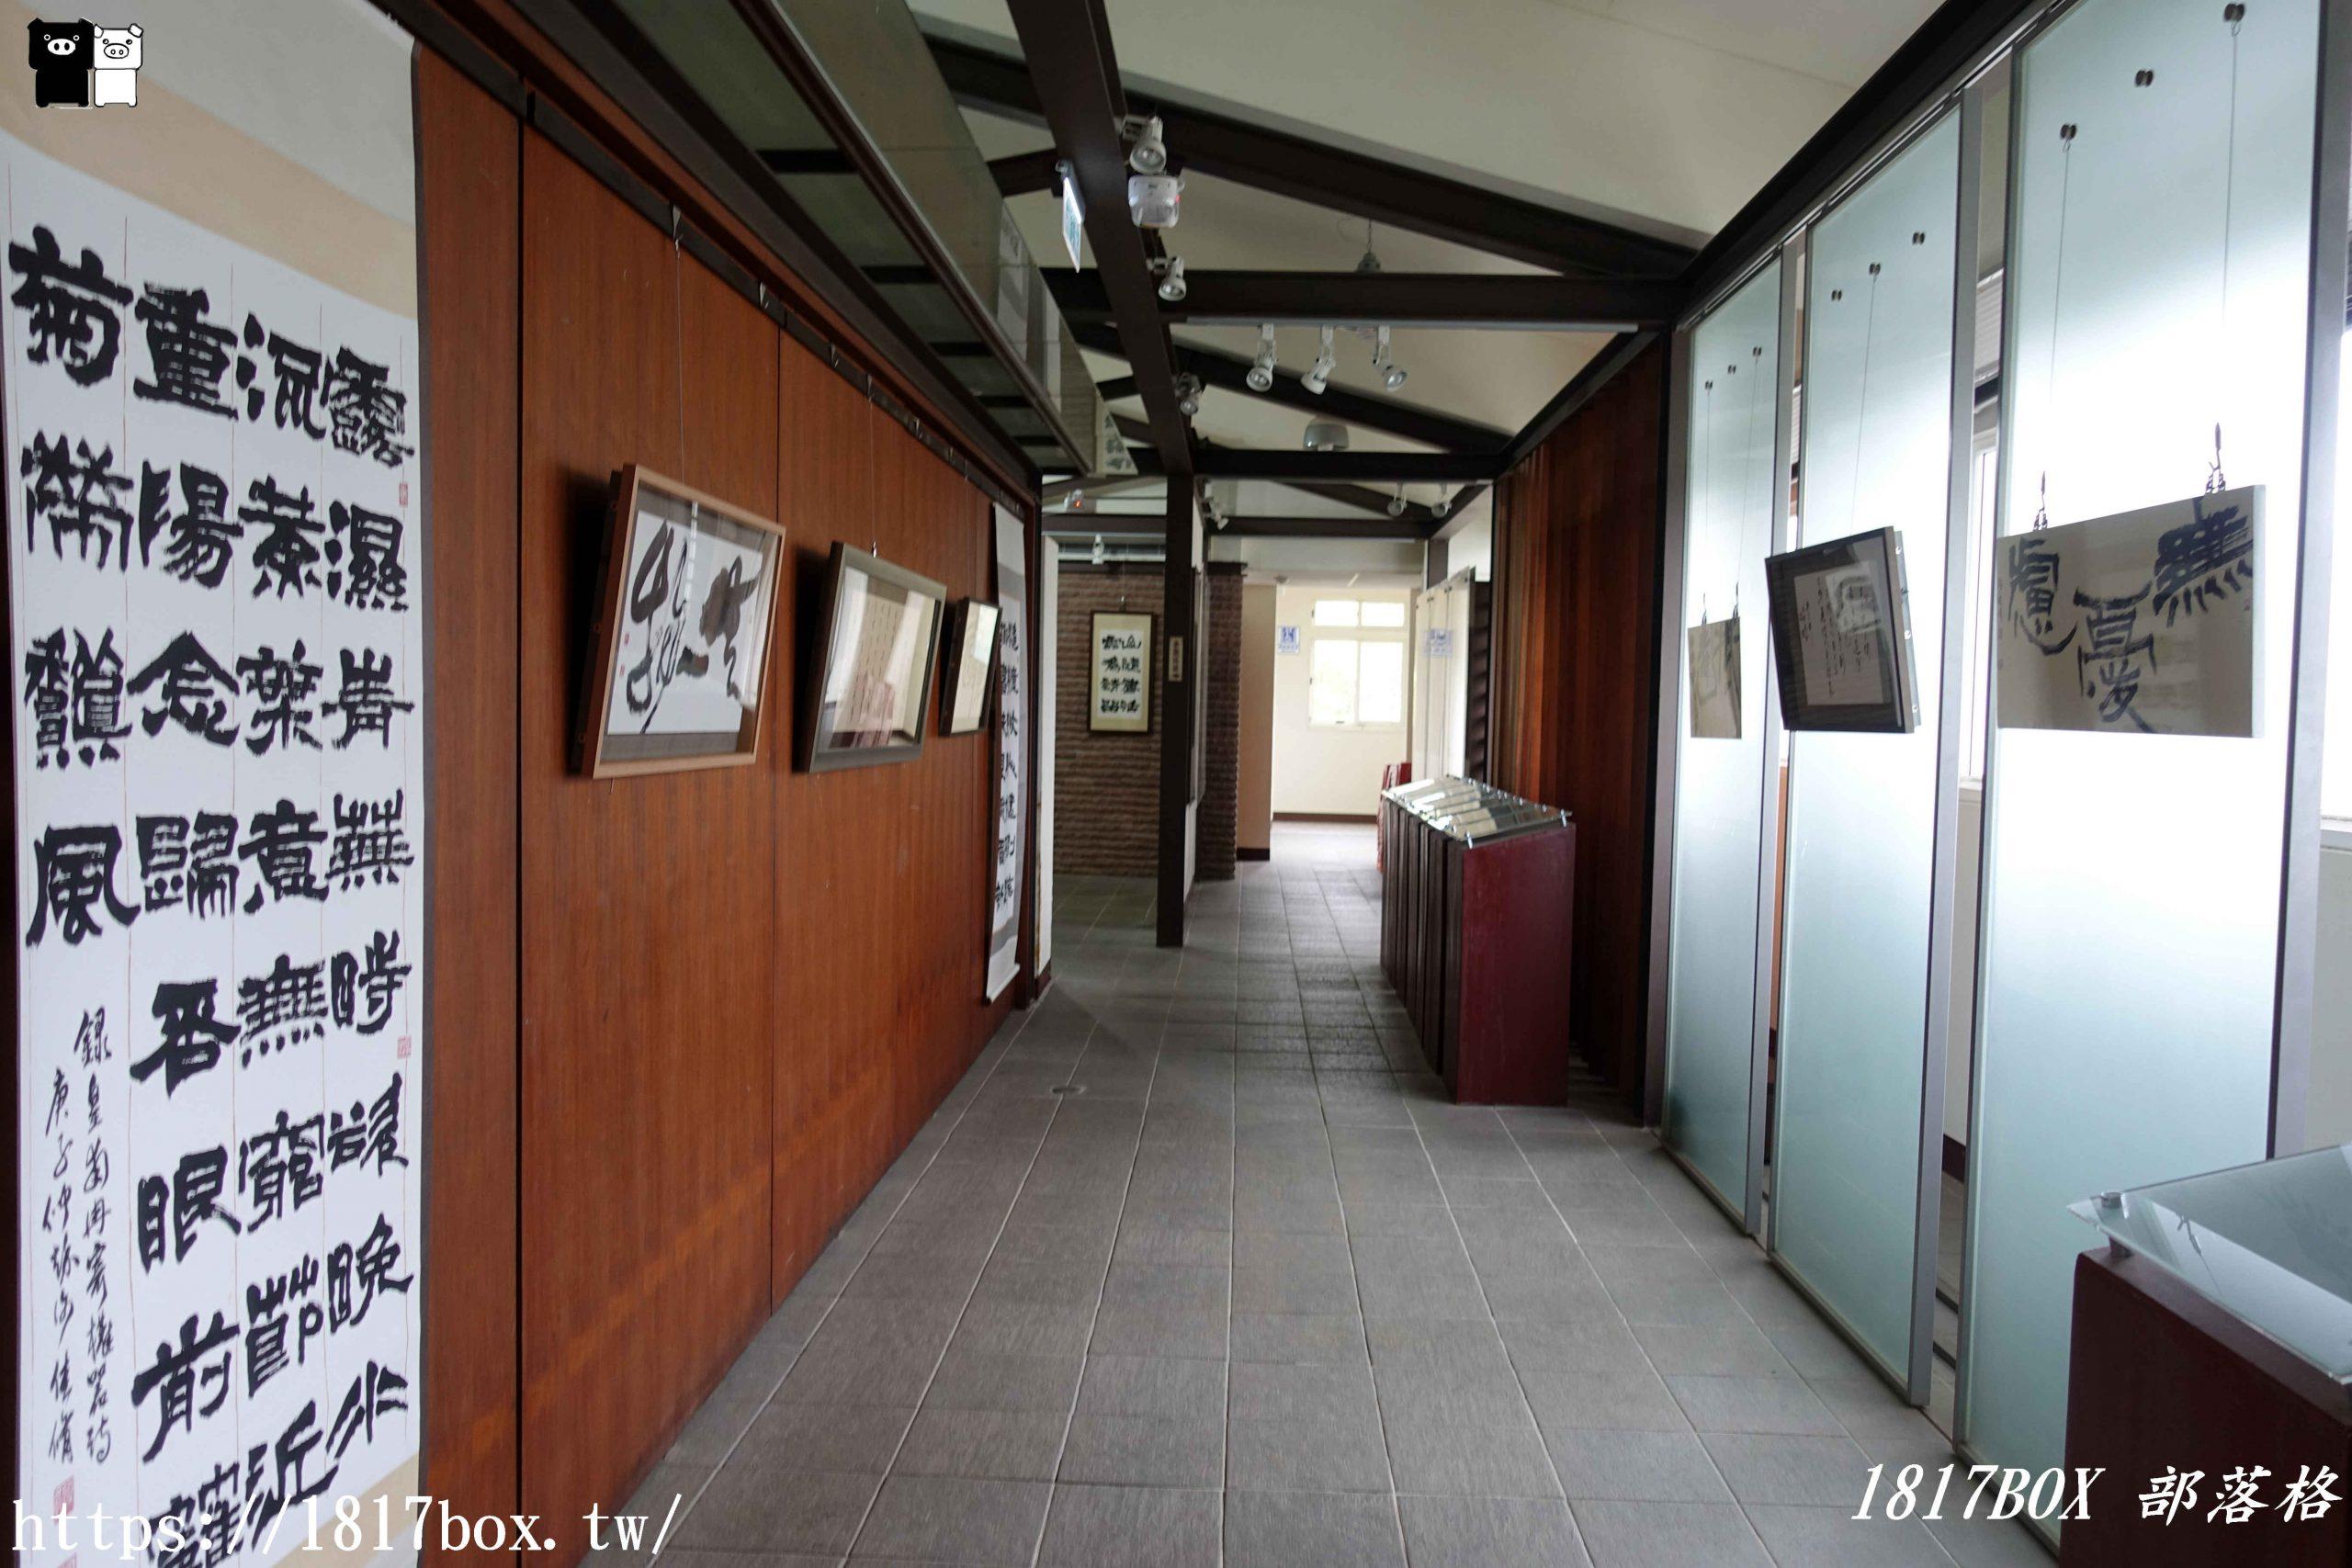 【苗栗。西湖】吳濁流文學藝術館 @1817BOX部落格